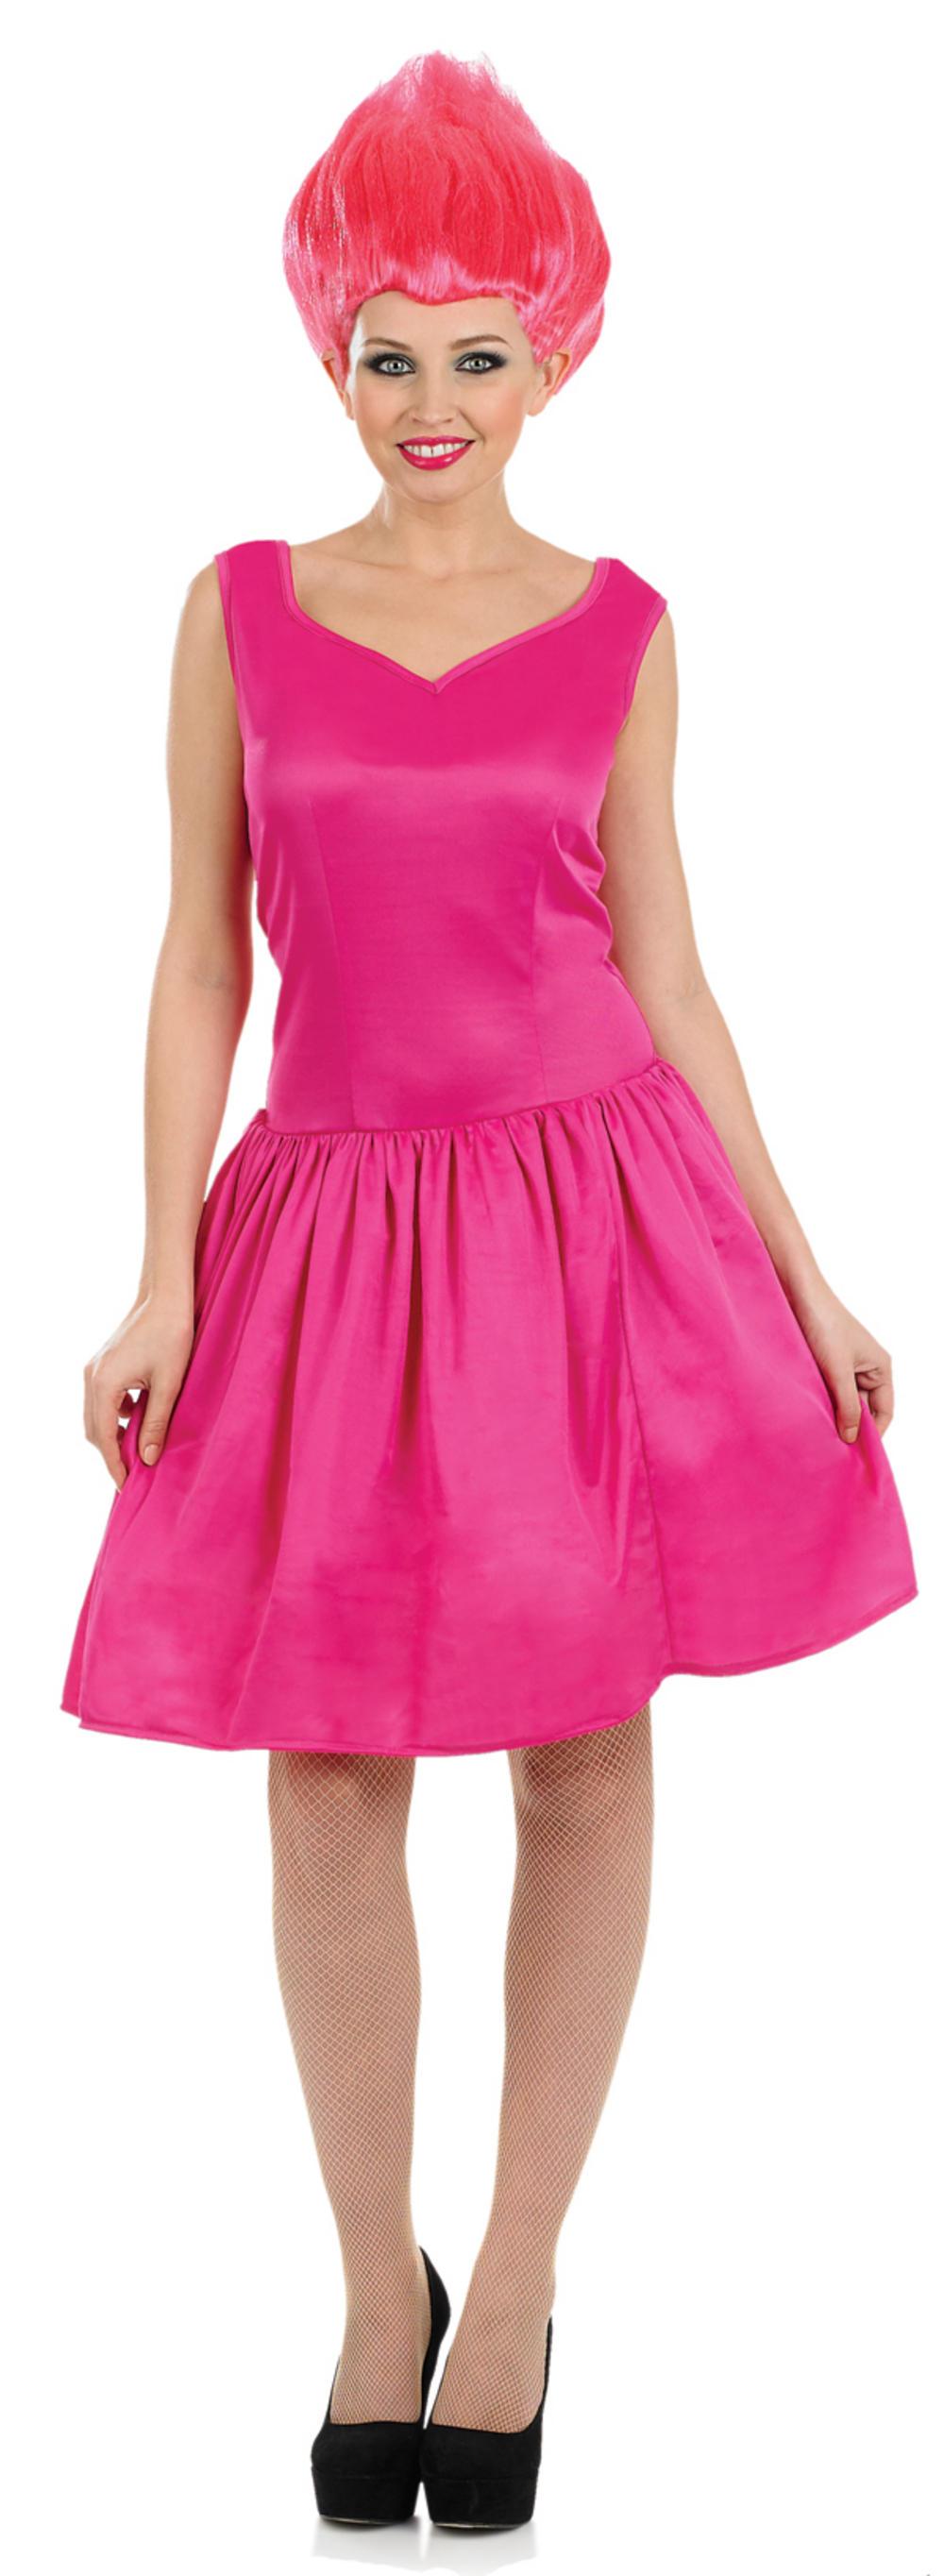 Pink Pixie Ladies Costume